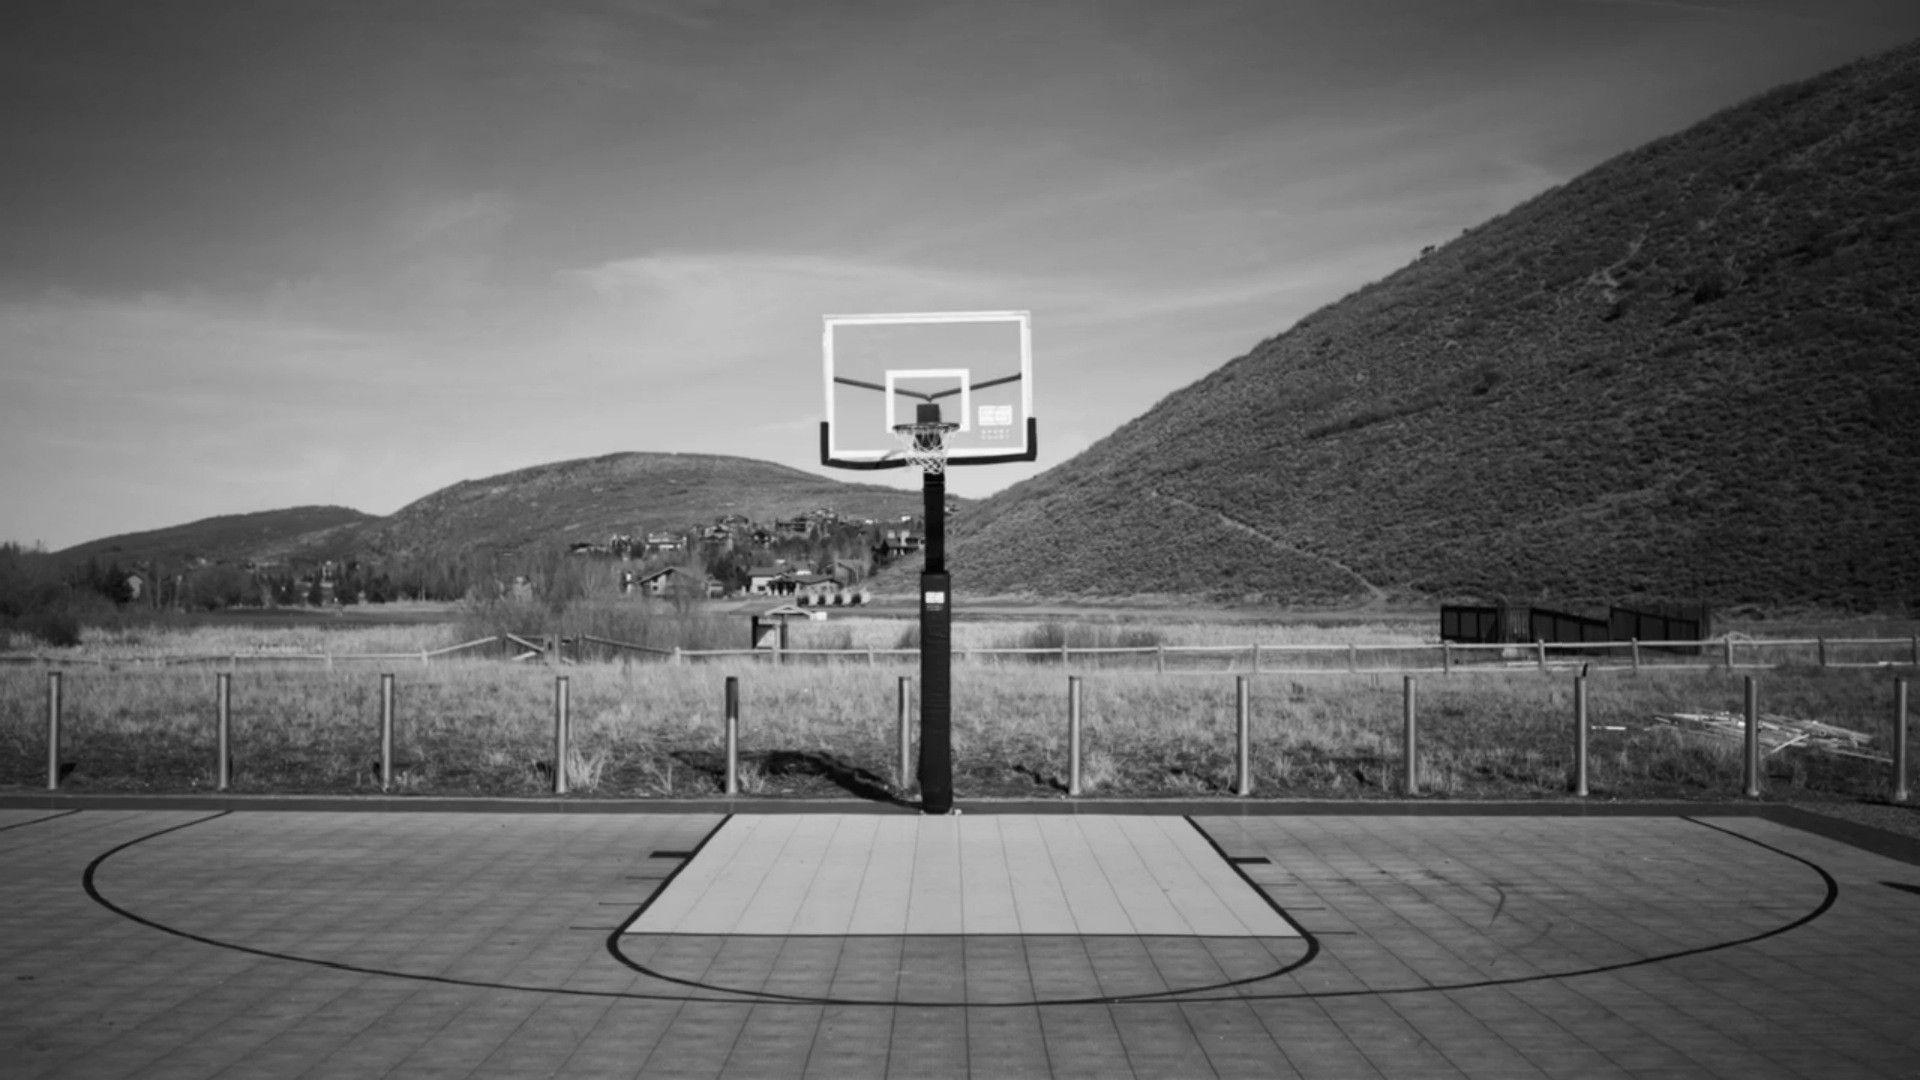 Popular Wallpaper Home Screen Basketball - 448885-basketball-court-wallpaper-1920x1080-windows-10  Snapshot_631491.jpg